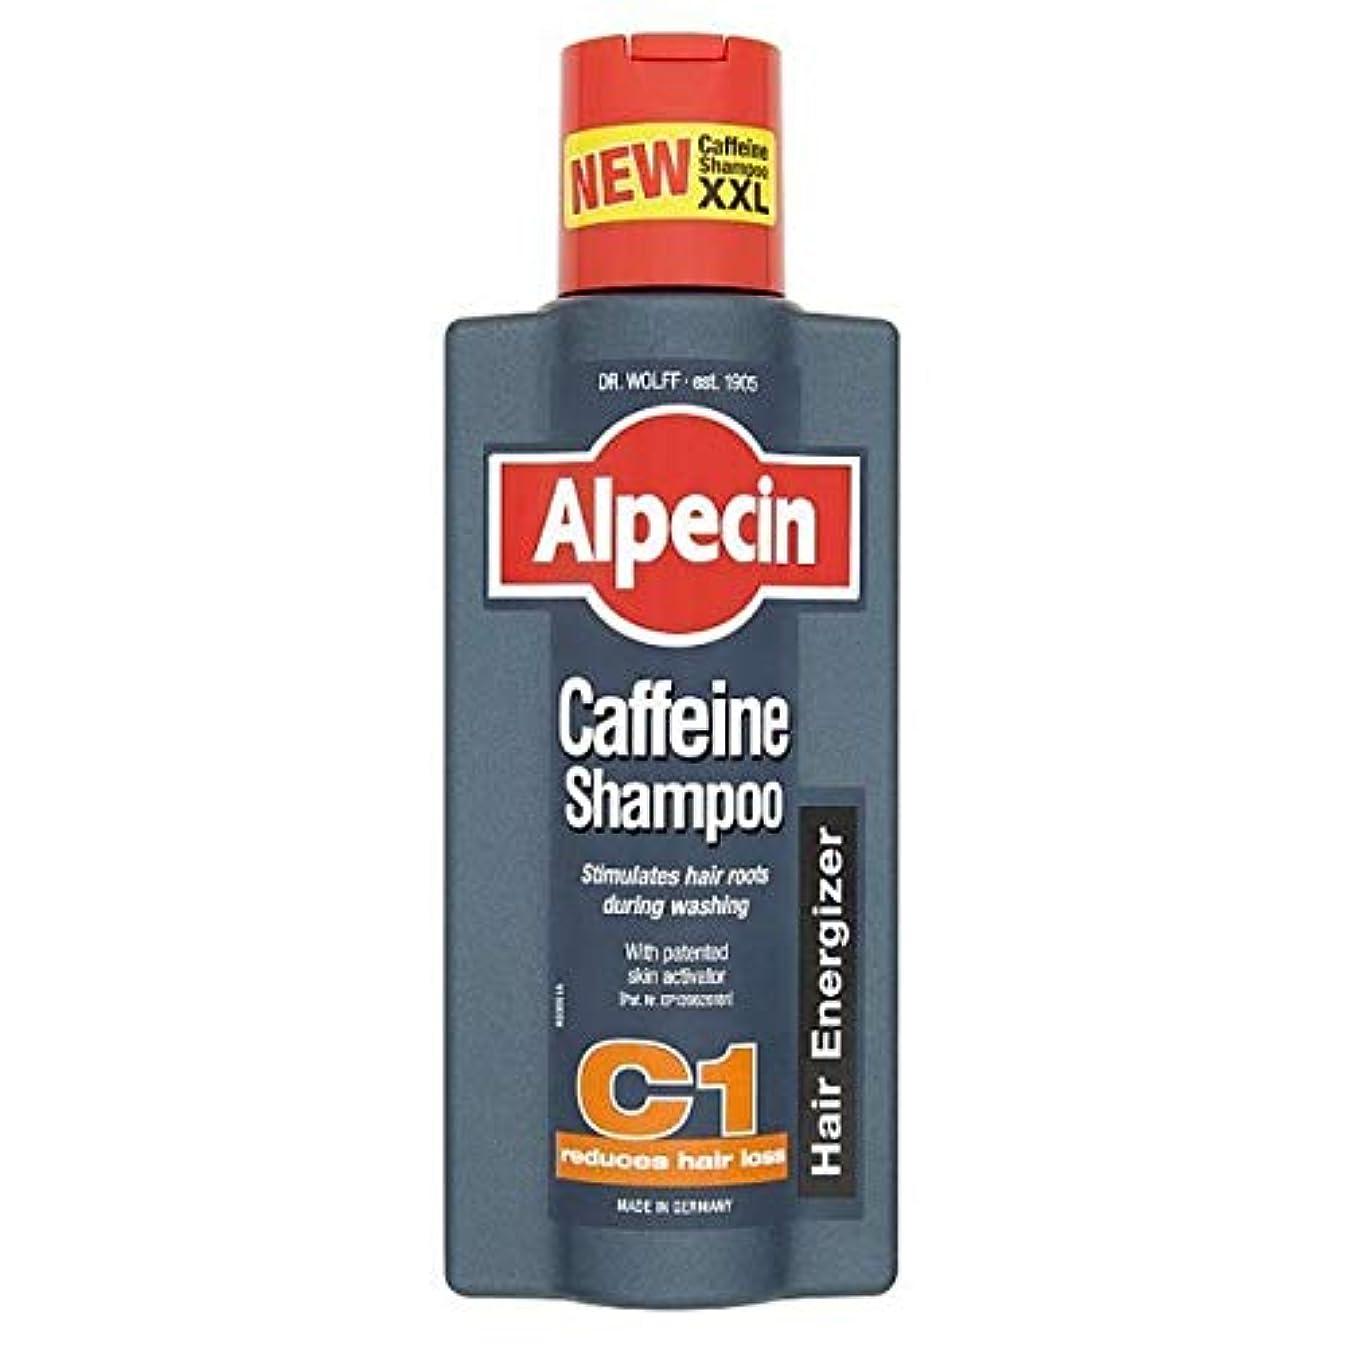 アノイ揮発性モンスター[Alpecin] C1カフェインシャンプー375ミリリットルAlpecin - Alpecin C1 Caffeine Shampoo 375ml [並行輸入品]